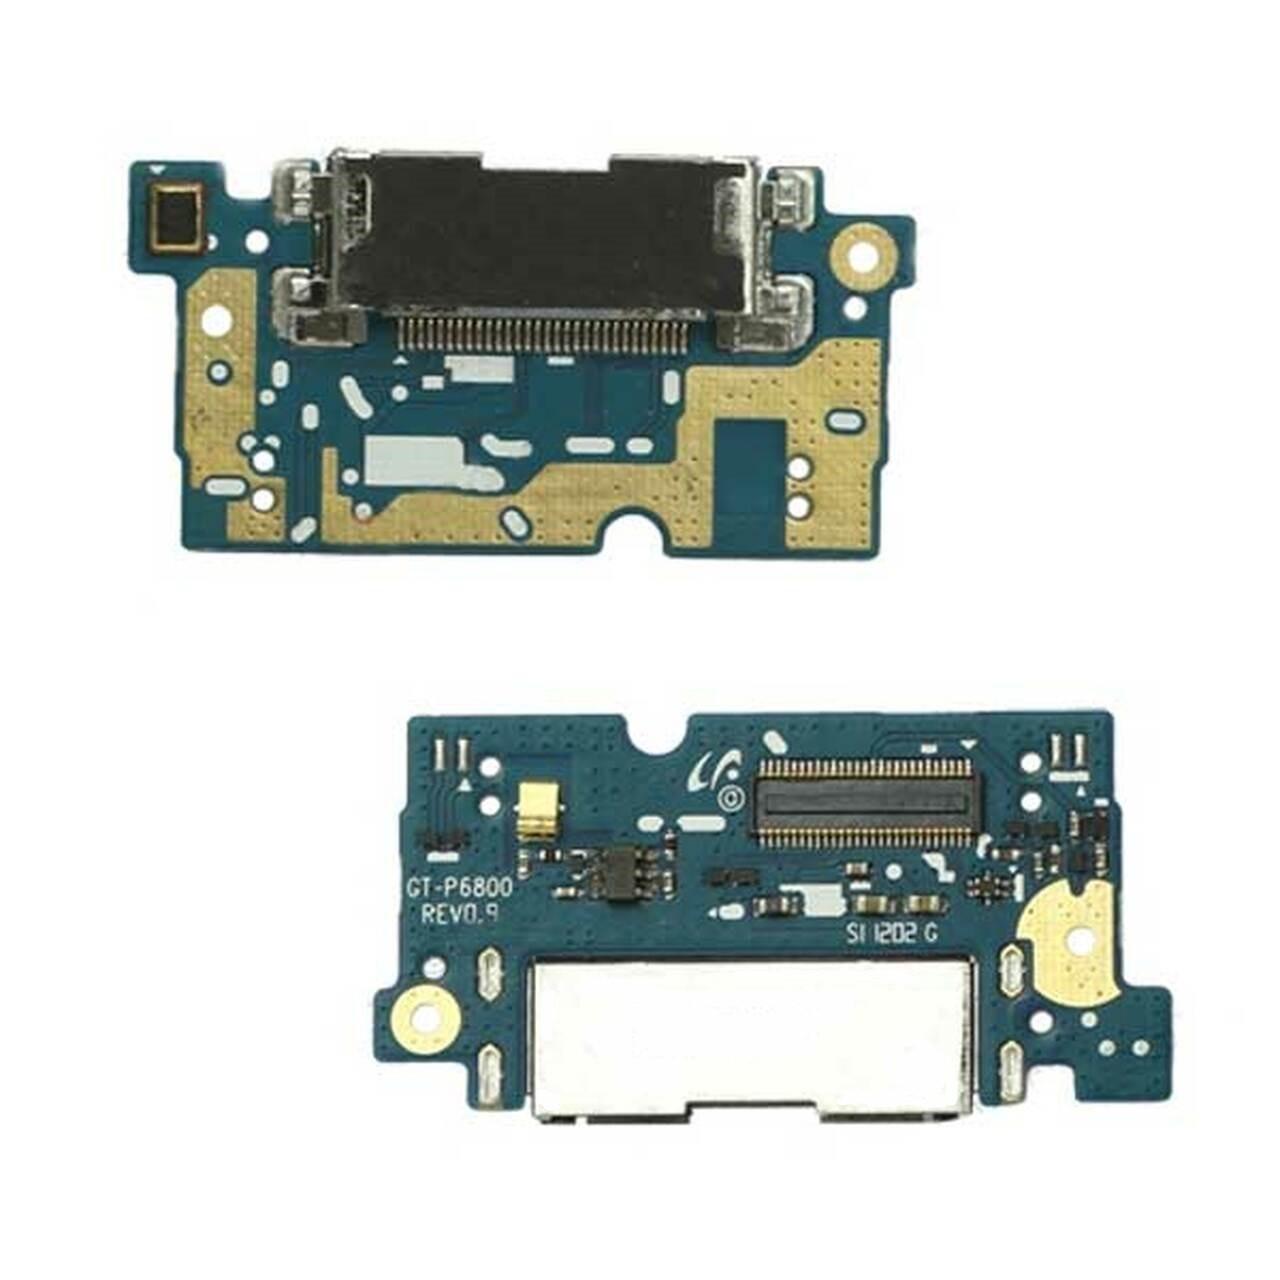 Placa Conector Carga Samsung Tab 7.7 P6800